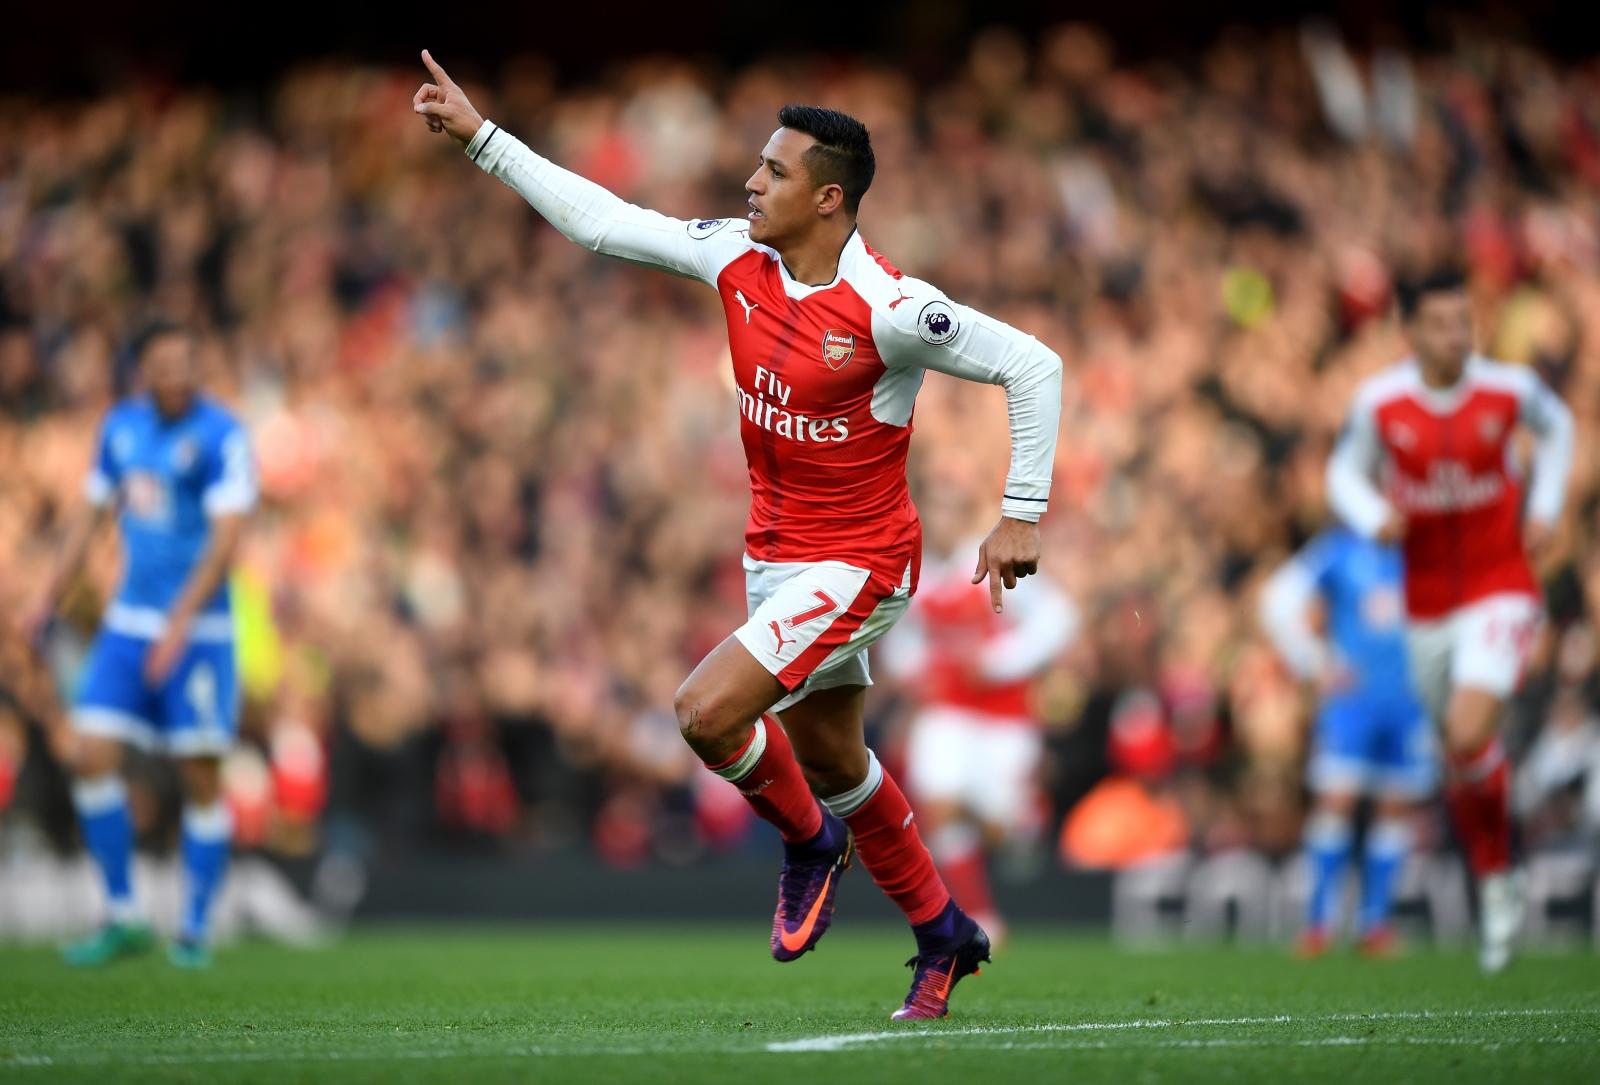 Arsenal 3-1 Bournemouth: Alexis Sanchez brace secures win ...